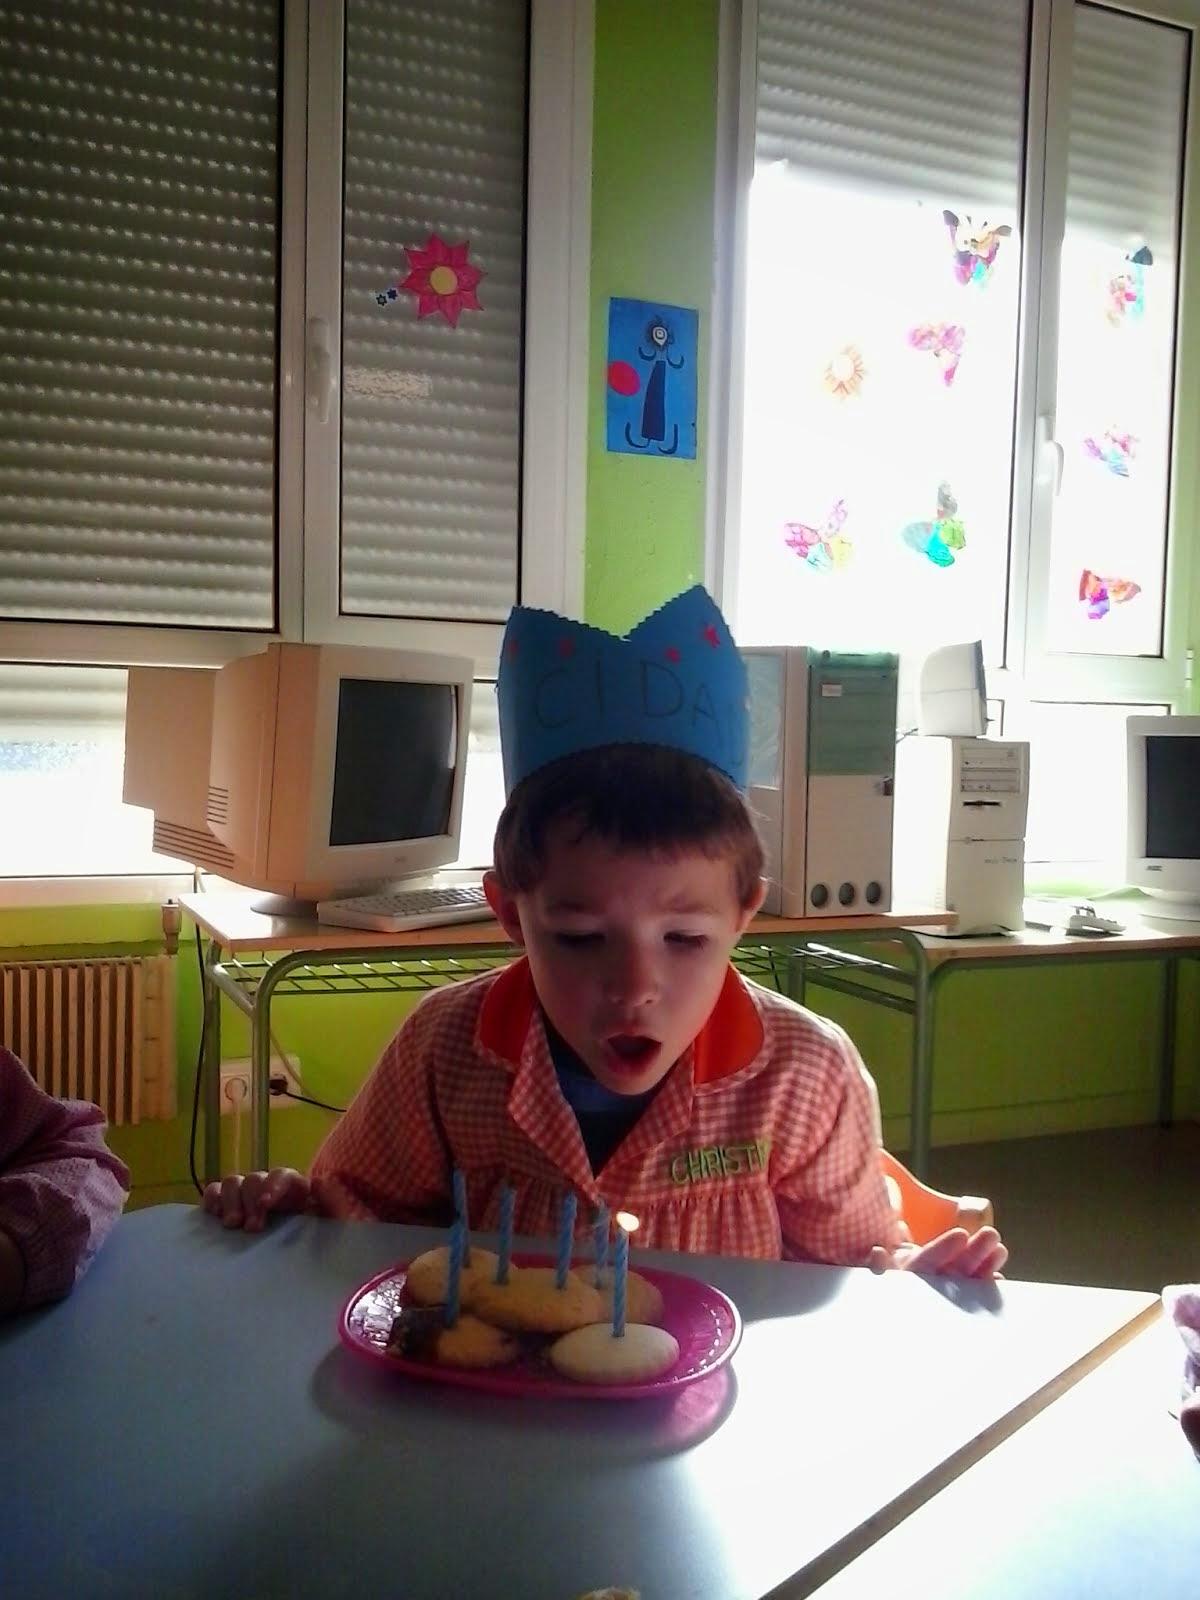 Cumpleaños de Christian